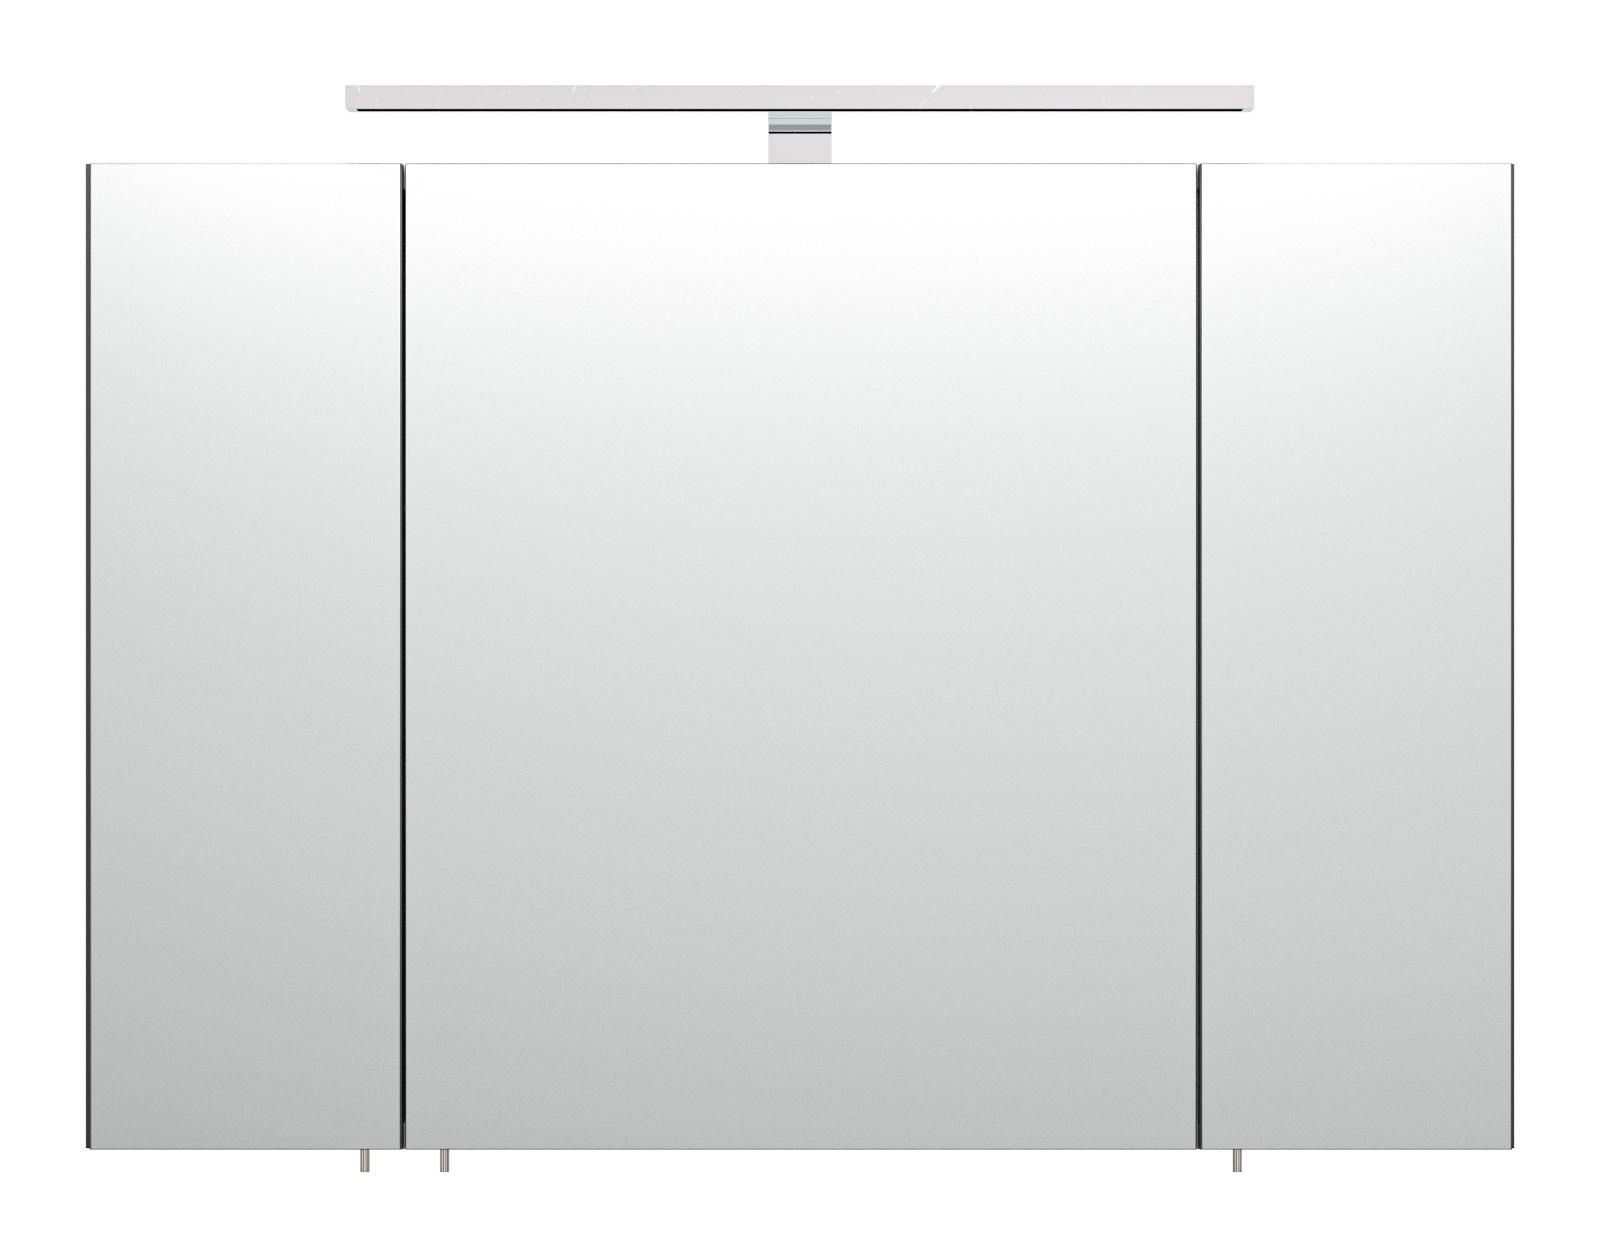 badm bel spiegelschrank inkl beleuchtung rima. Black Bedroom Furniture Sets. Home Design Ideas